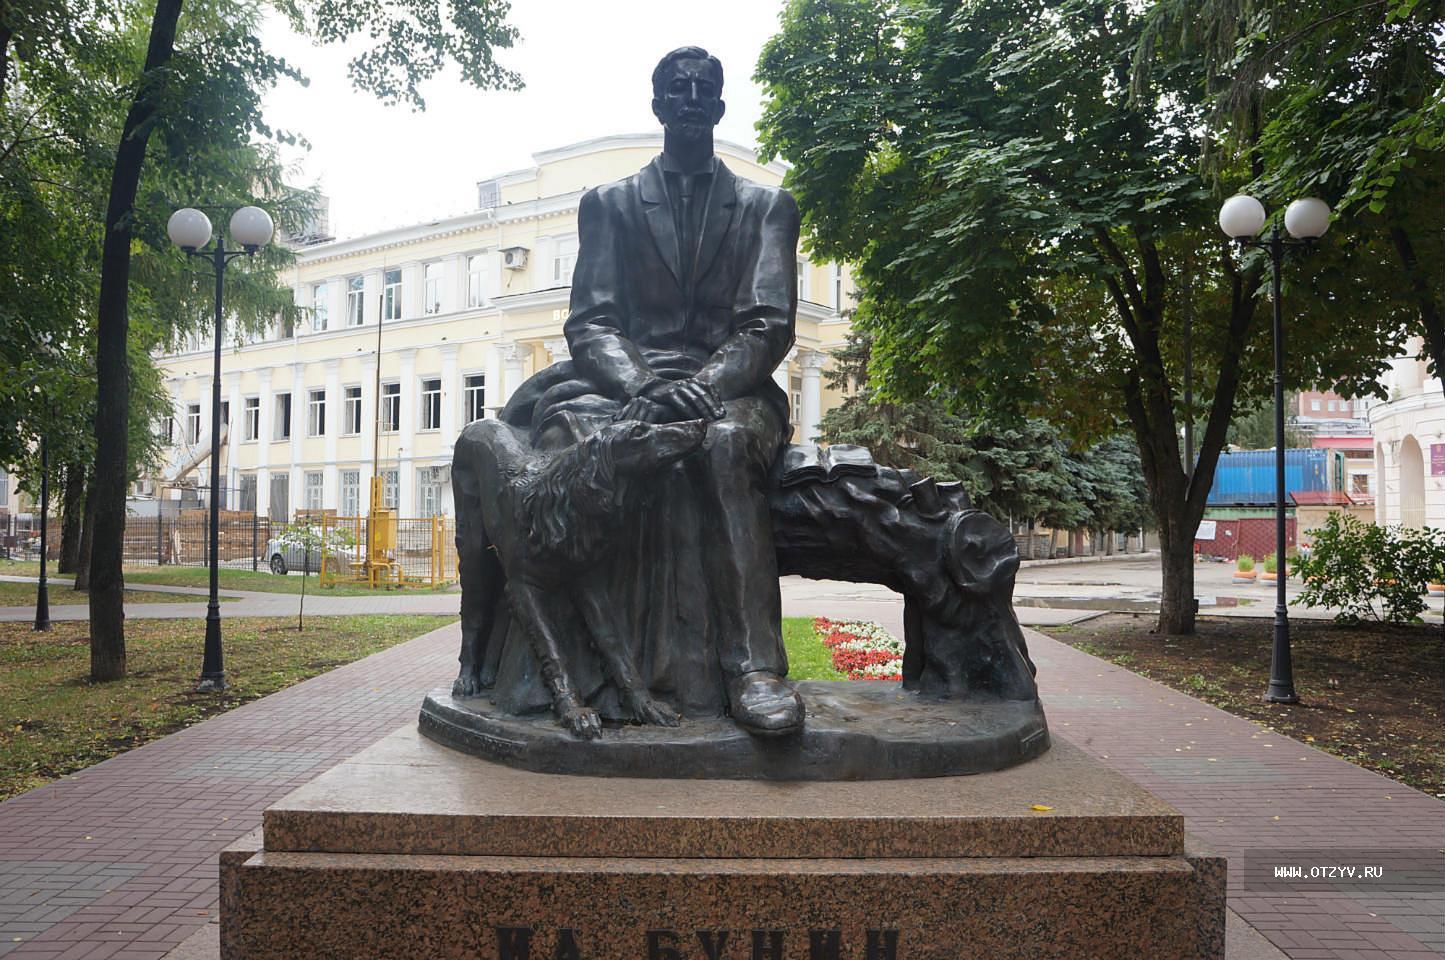 Памятник на могилу в череповце памятник с семейный Красновишерск